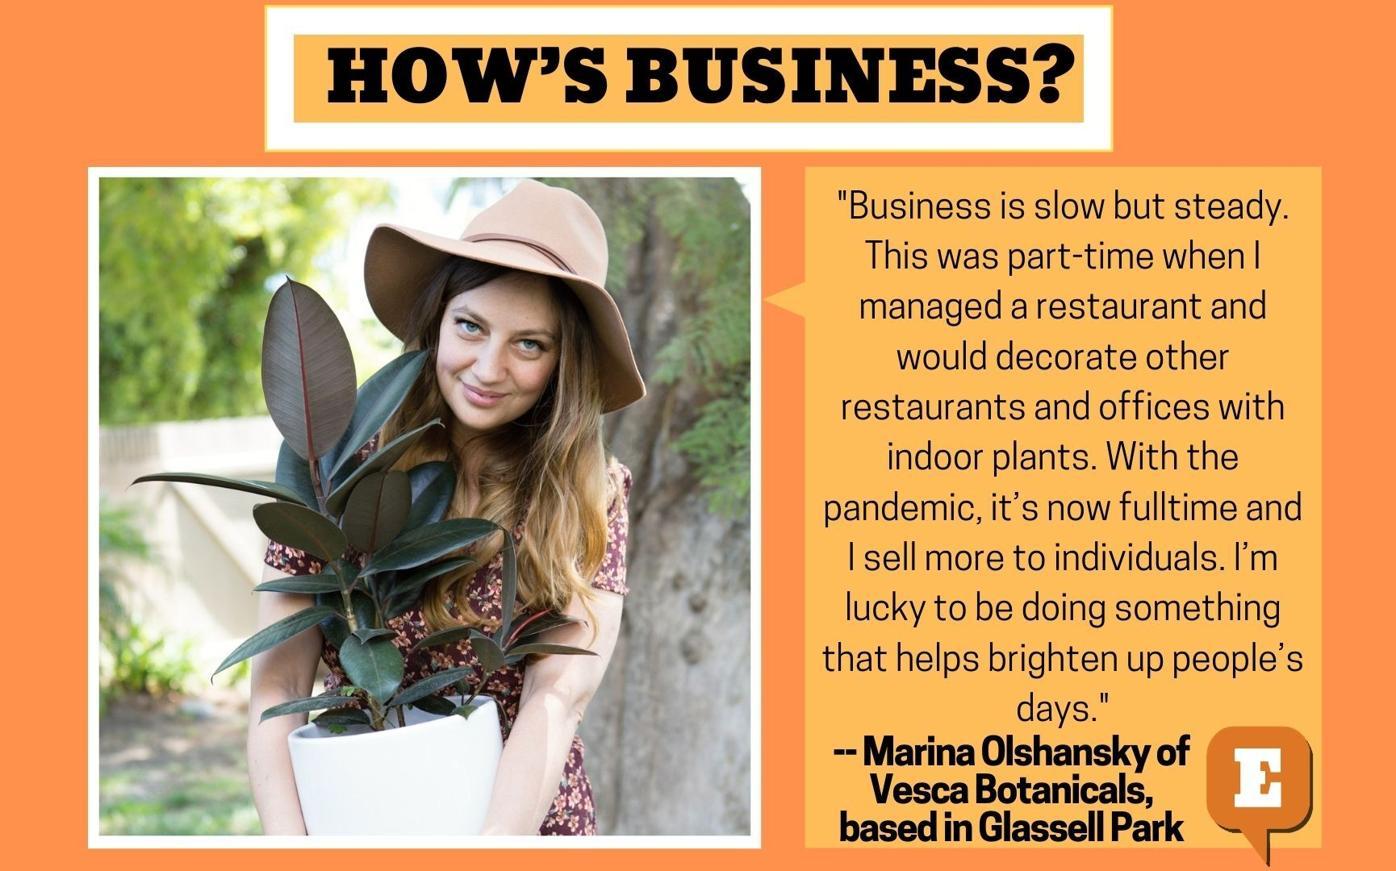 Hows Business Marina Olshansky of Vesca Botanicals